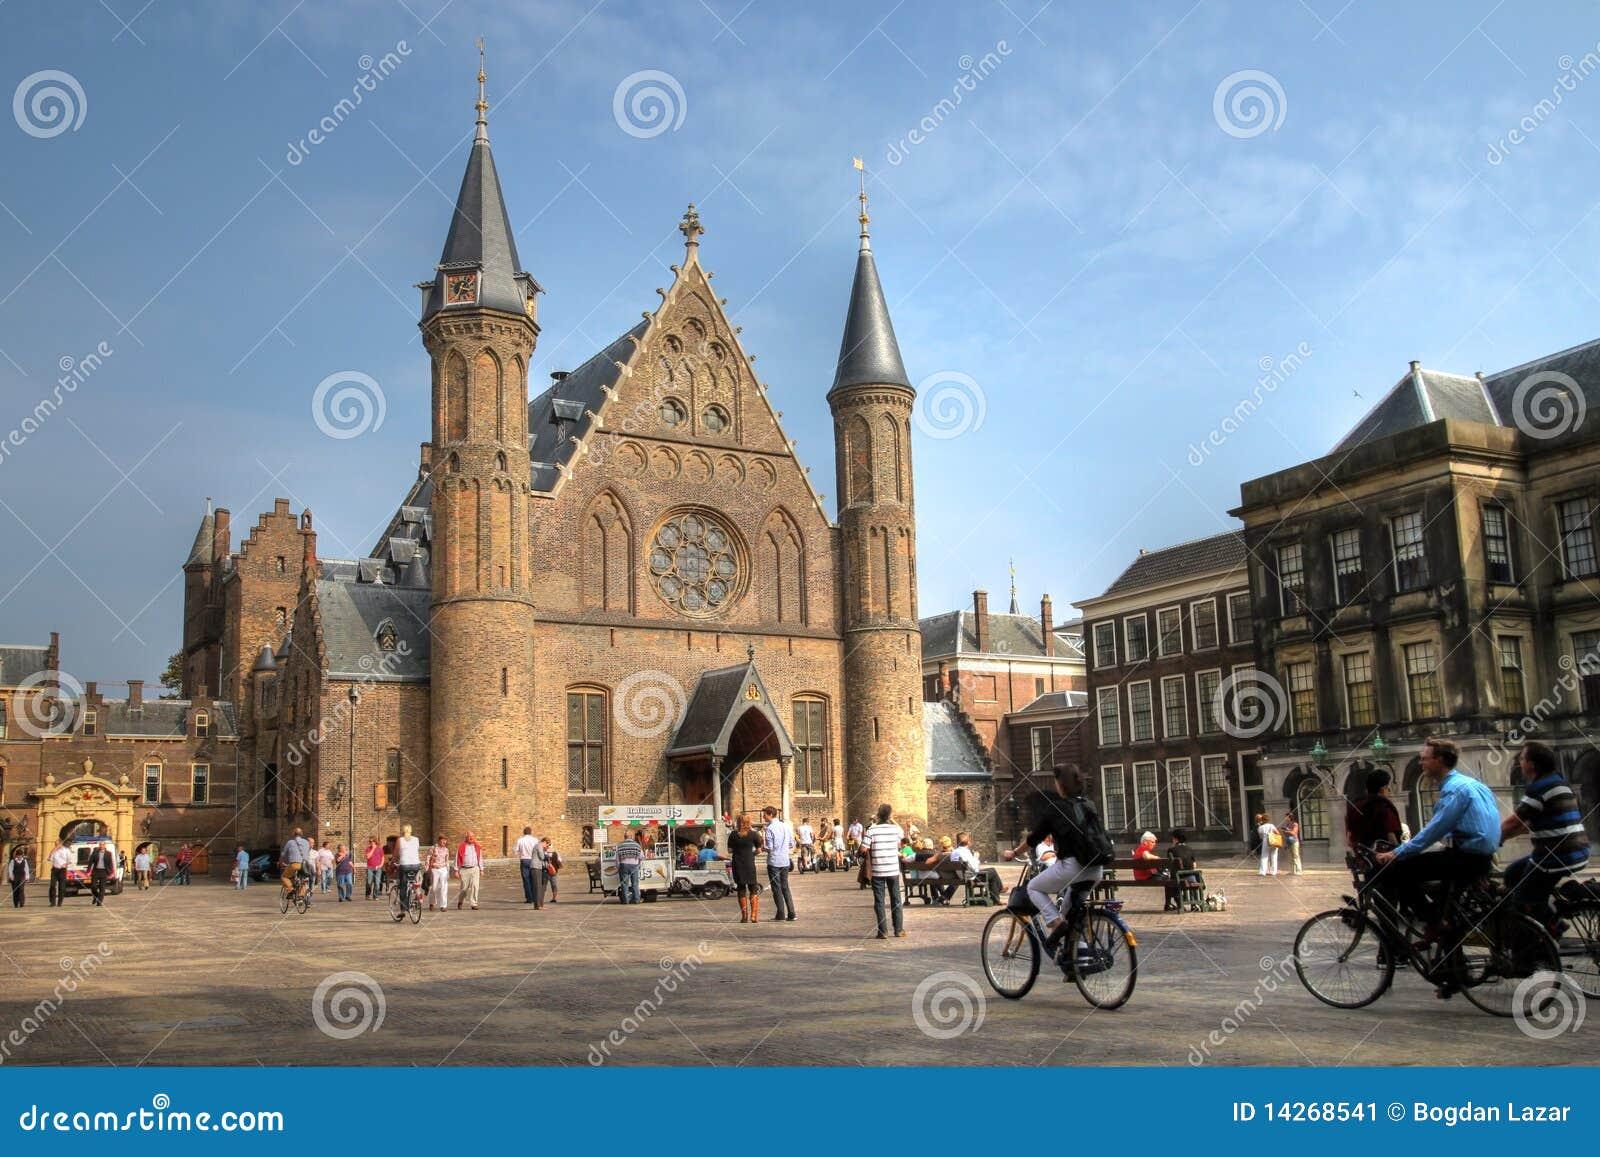 Ridderzaal dans Binnenhof, la Haye, Hollandes